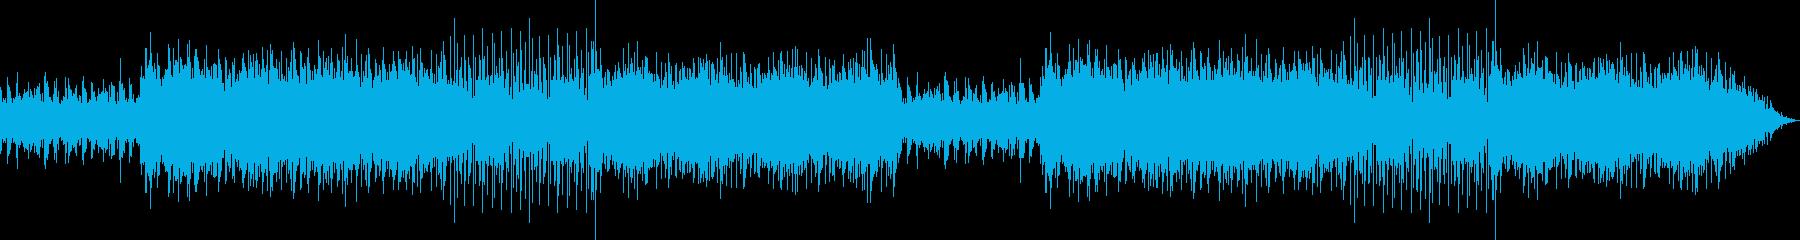 VPオープニング風の曲です。の再生済みの波形